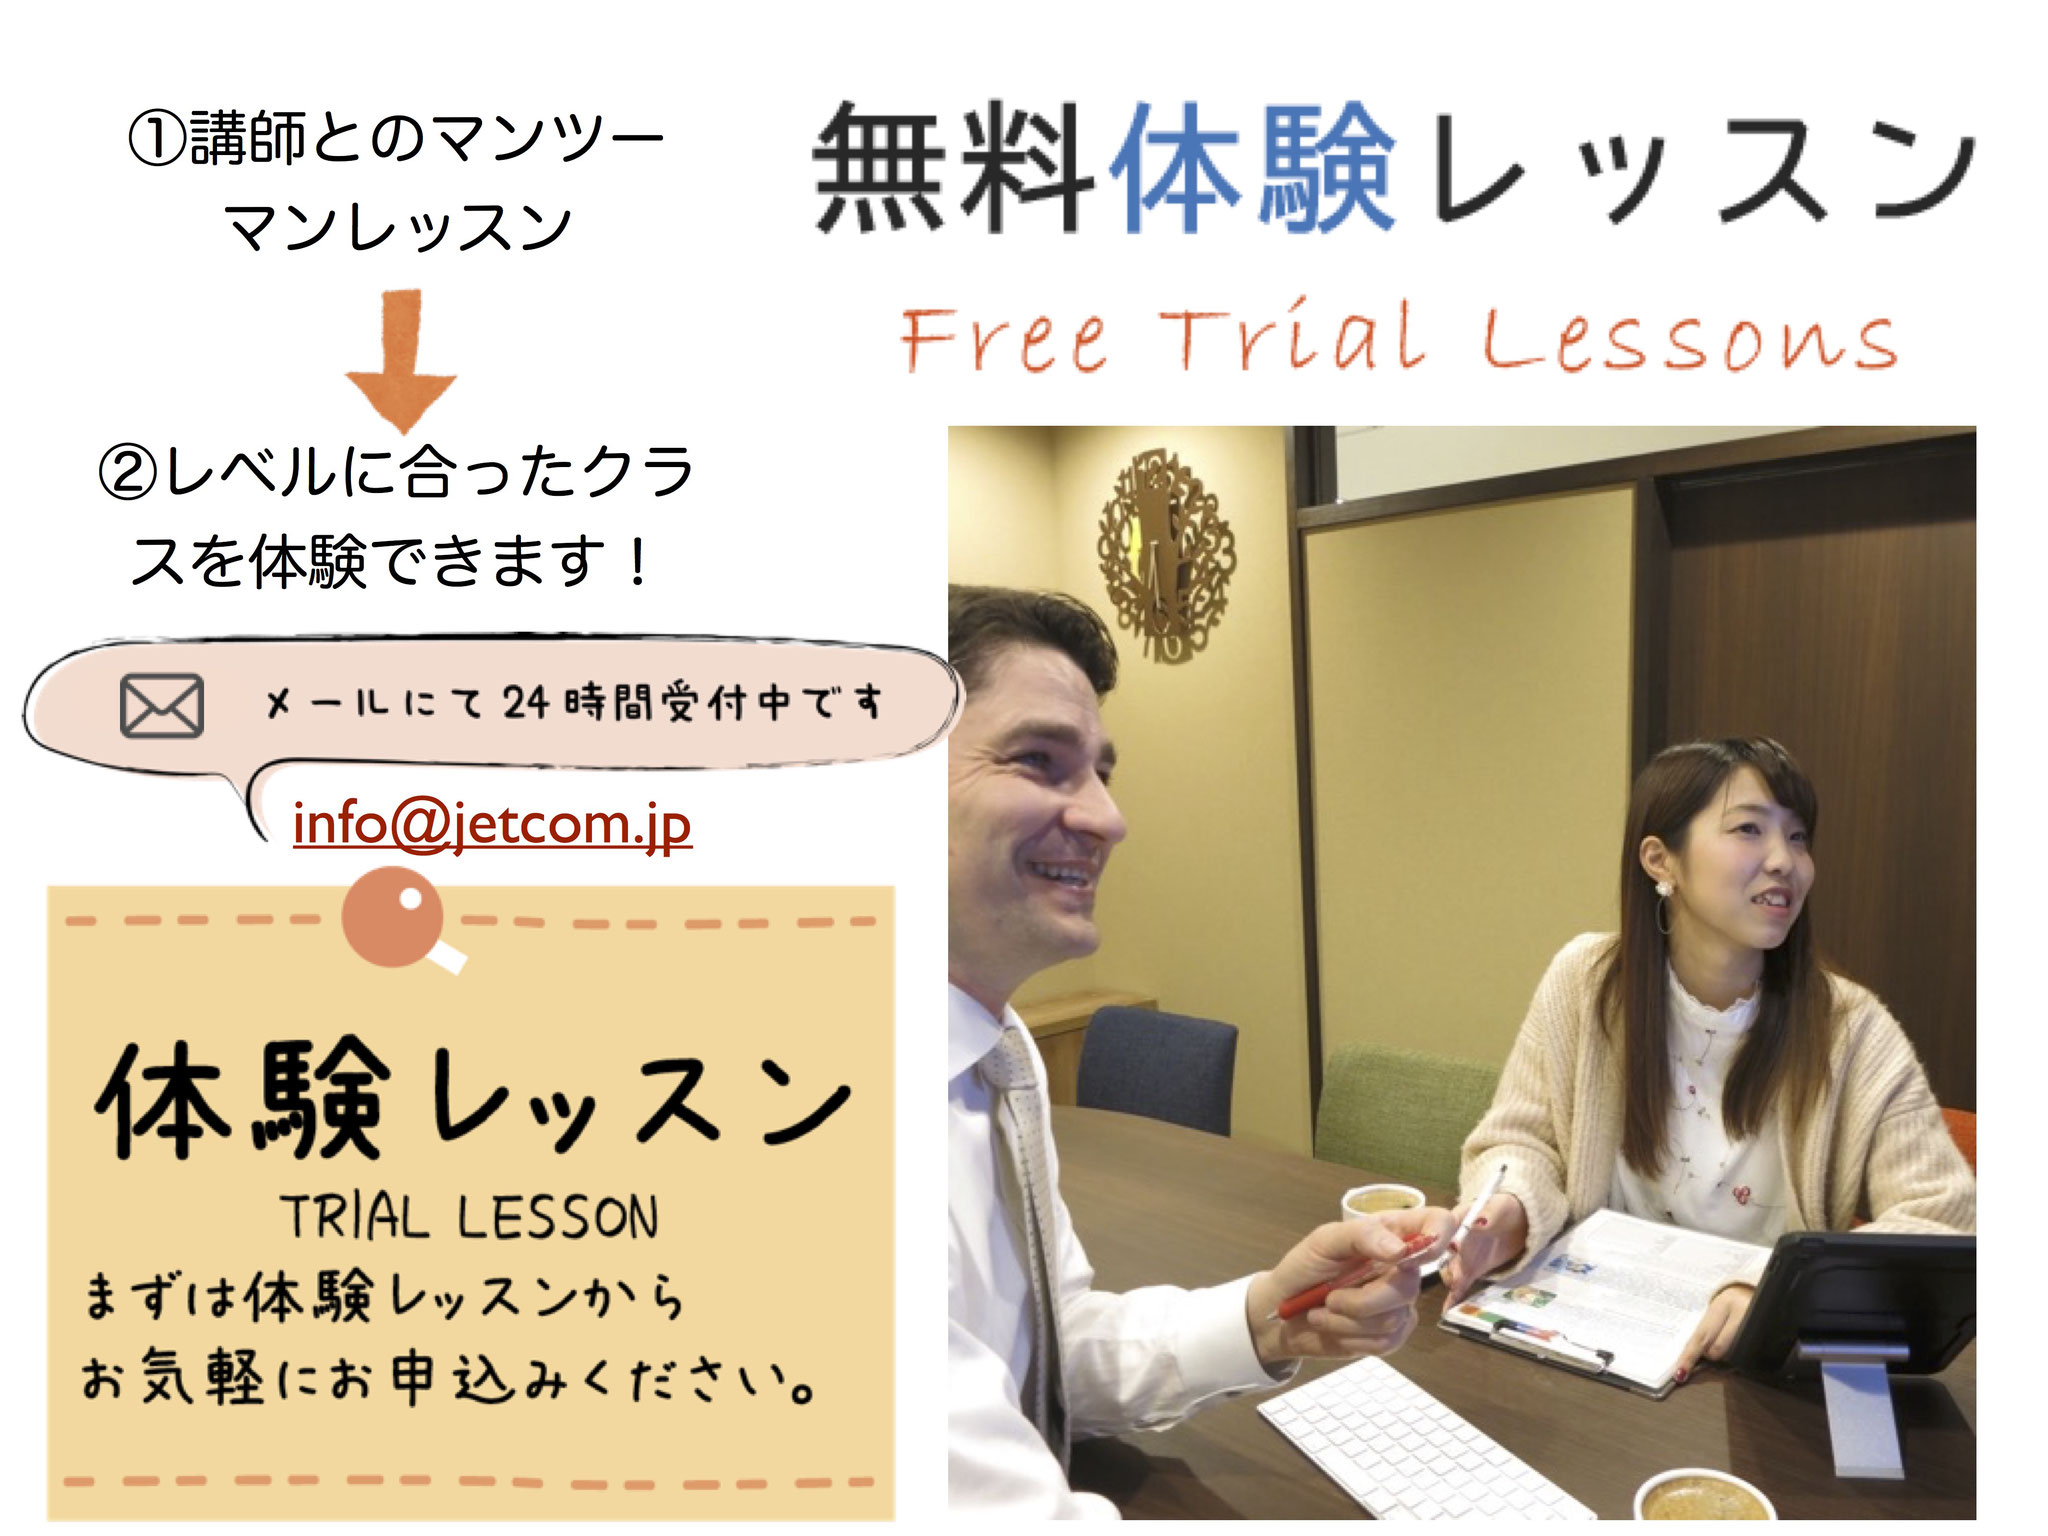 講師とのたっぷりマンツーマン体験レッスンができる!ADULTS TRIAL LESSON